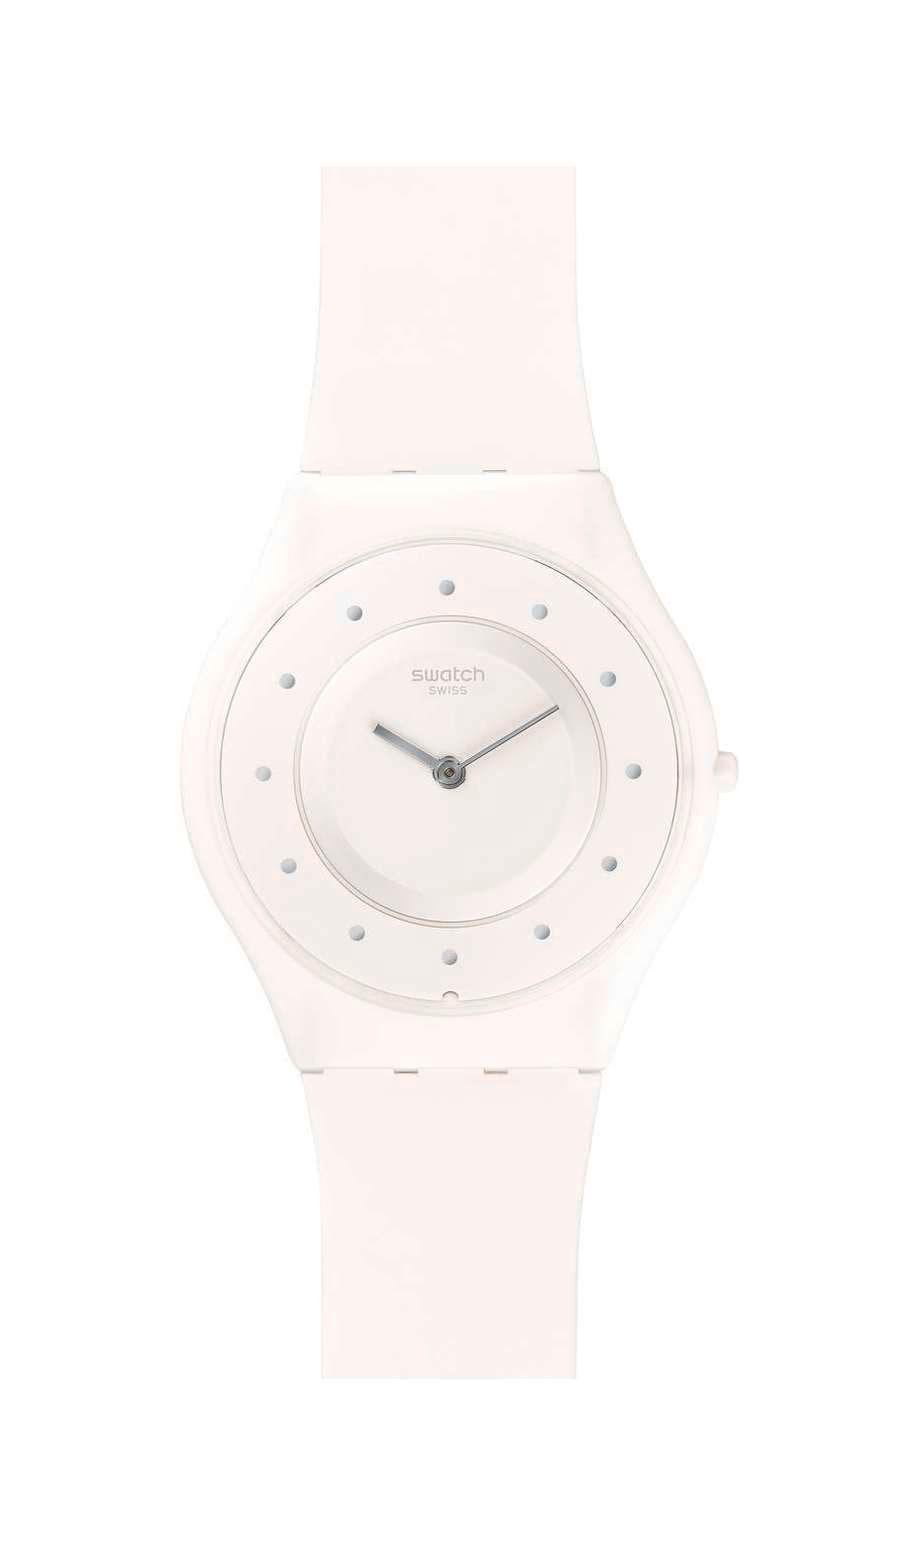 Swatch - MILCHSTRASSE - 1